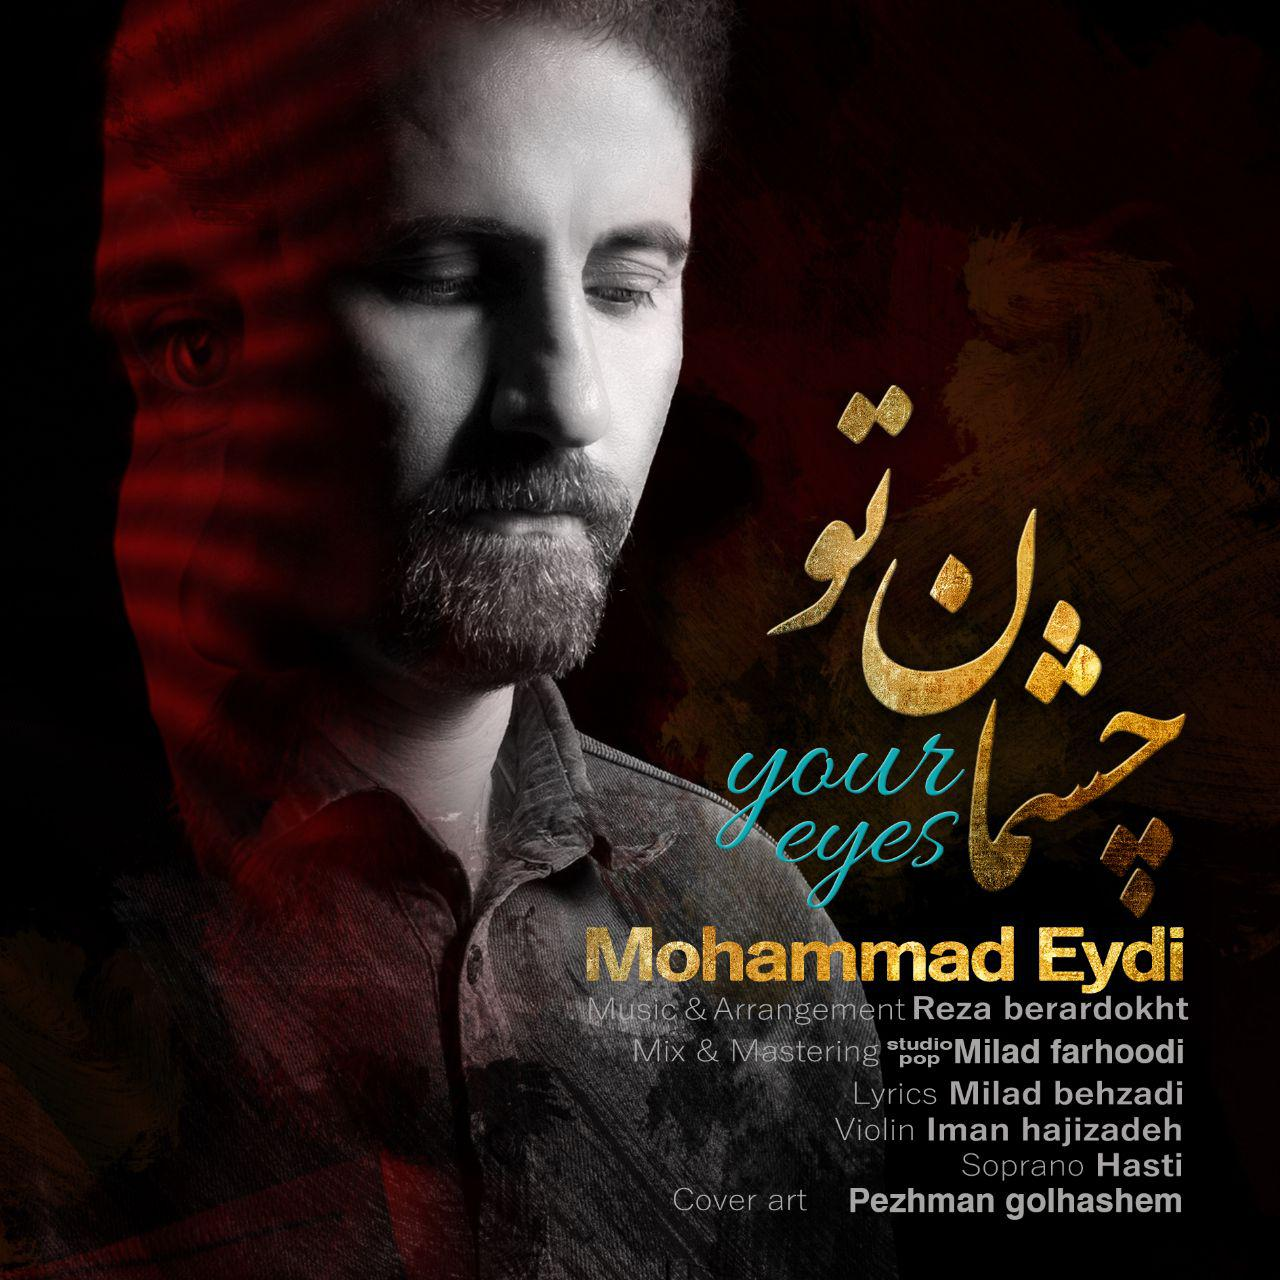 دانلود آهنگ جدید محمد عیدی به نام چشمان تو